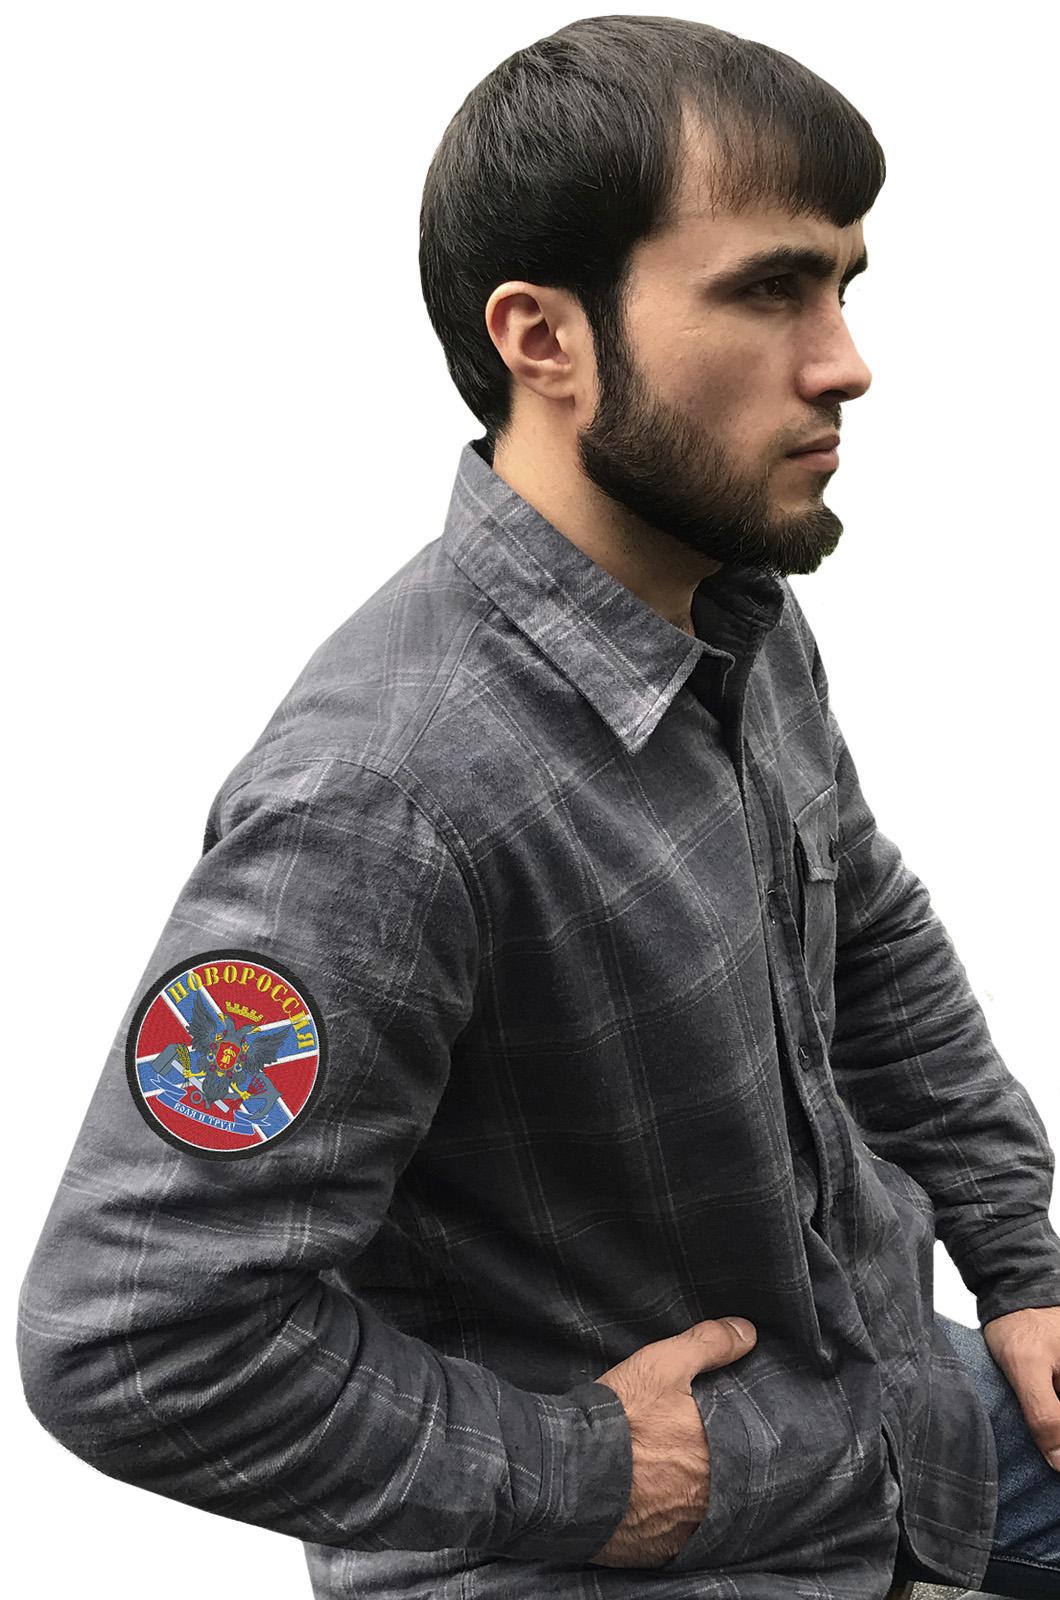 Крутая мужская рубашка с вышитым флагом и гербом Новороссии - купить в Военпро